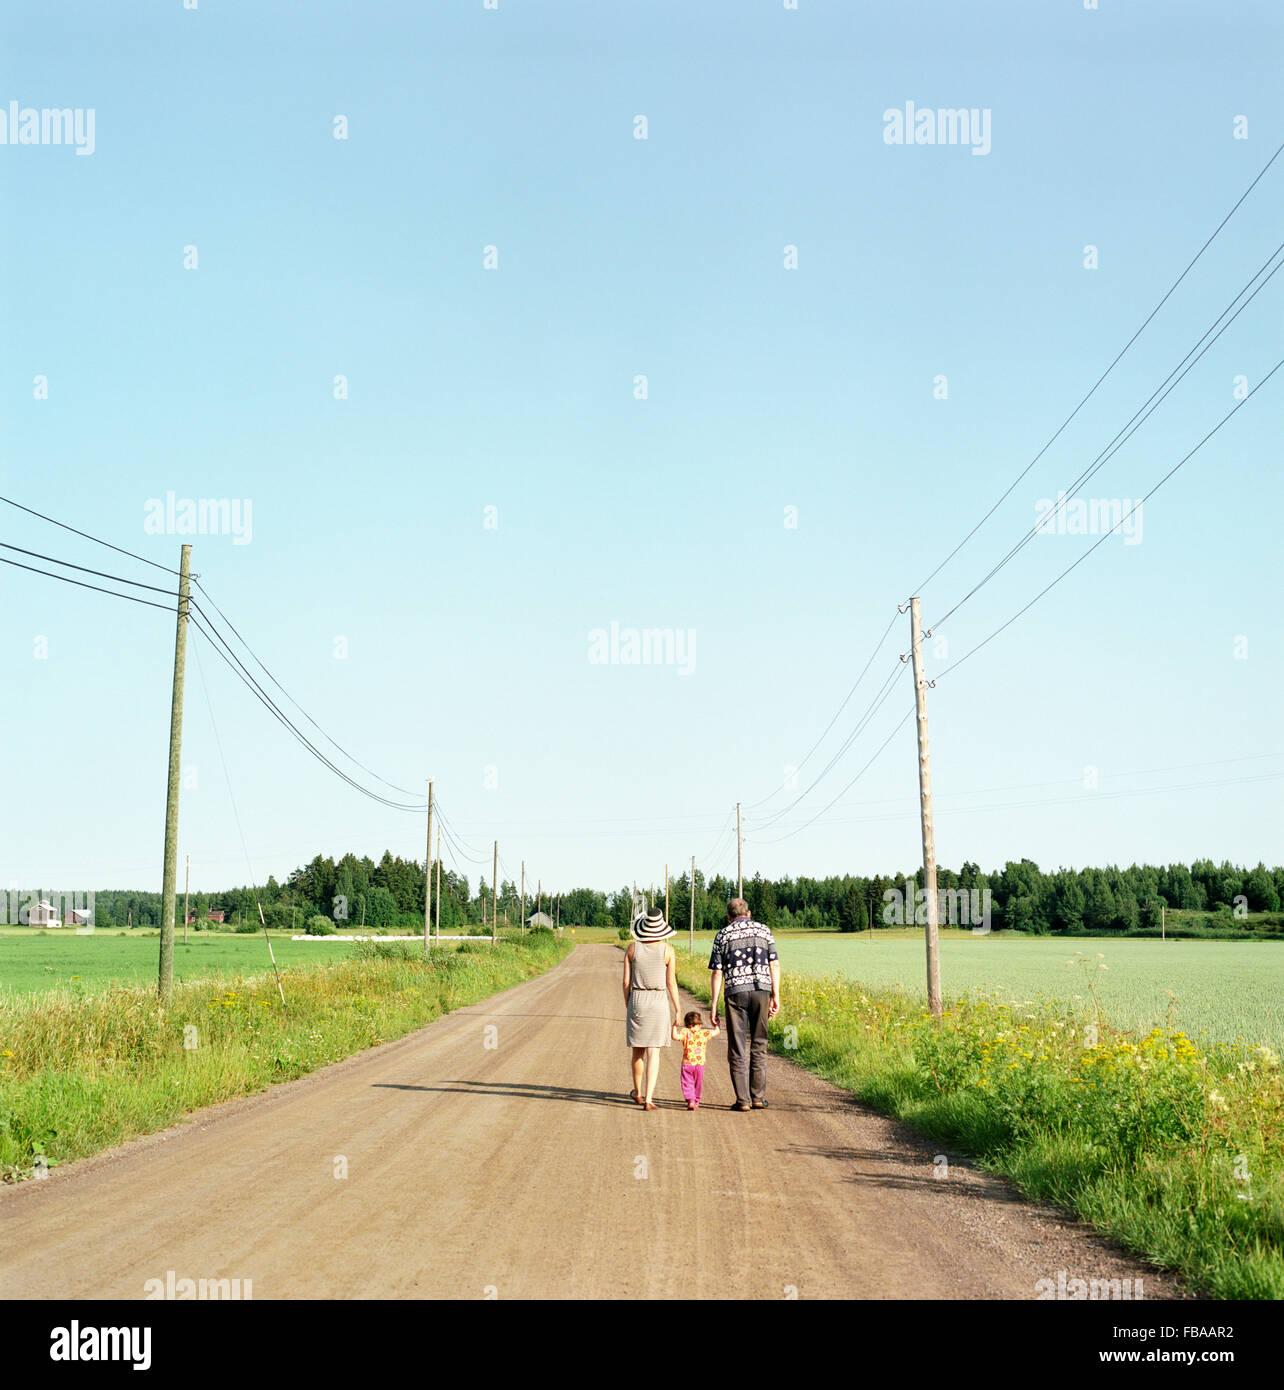 Finnland, Uusimaa, Lapinjarvi, Rückansicht von Personen mit Kind (2-3) Feldweg entlang Stockbild